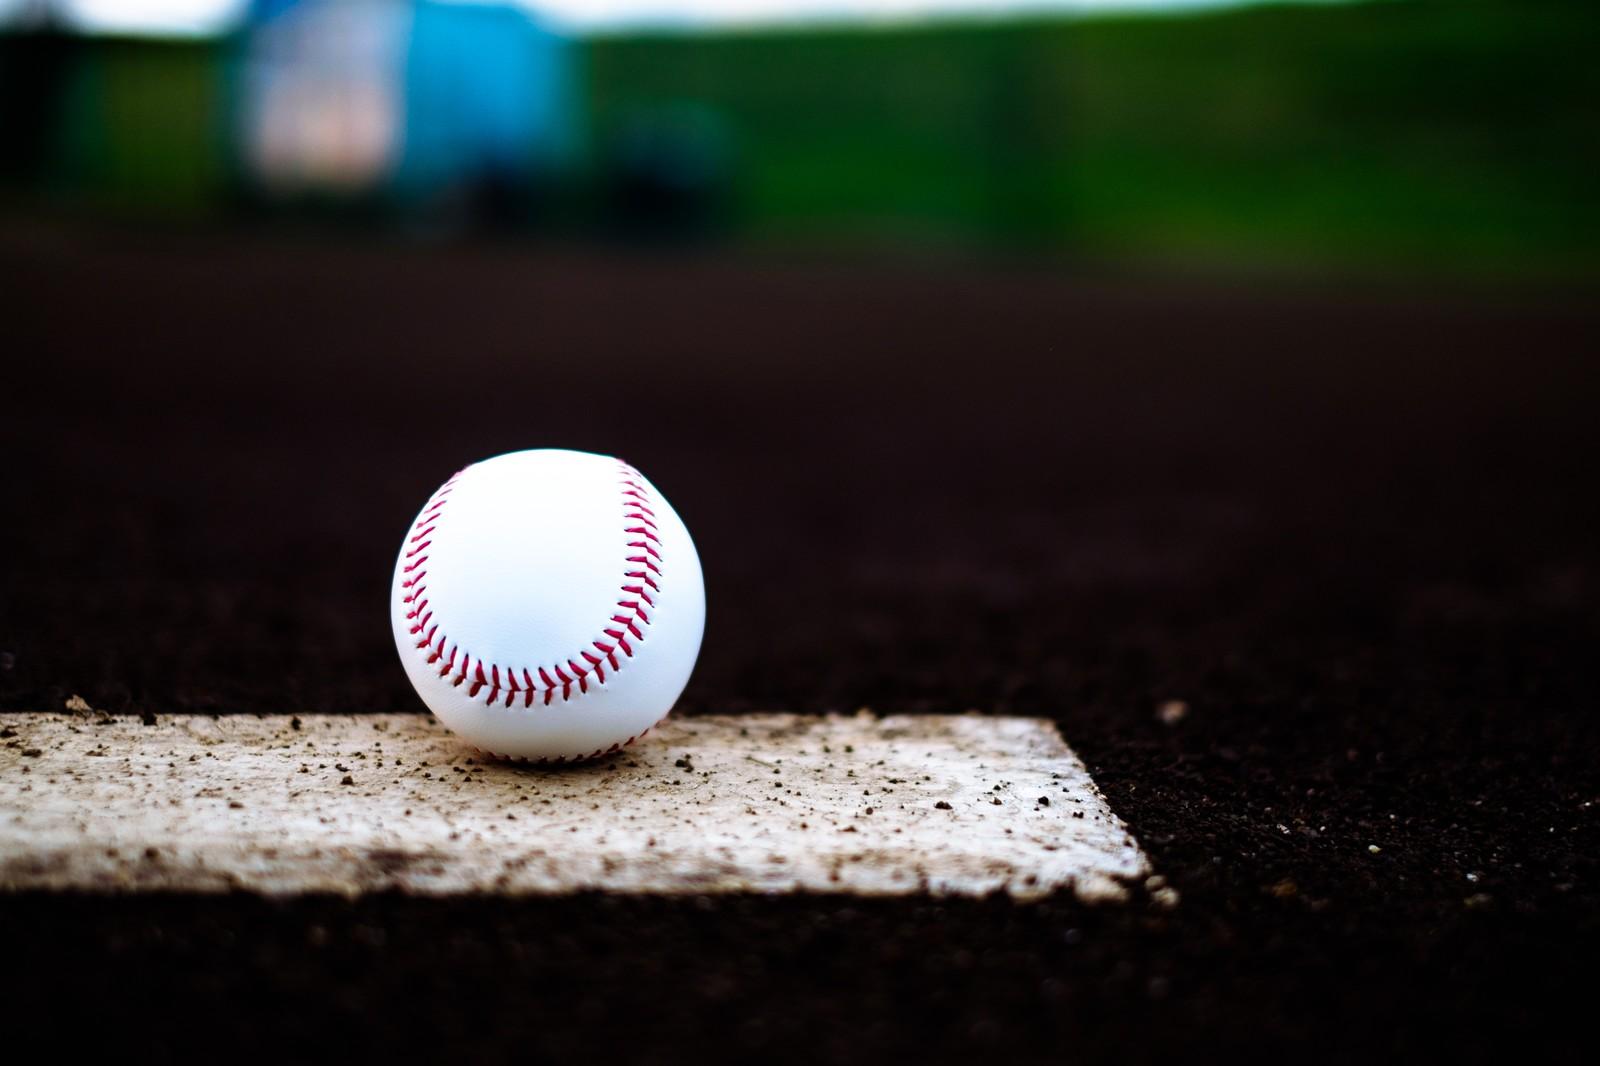 高校野球,甲子園,甲子園の土,阪神タイガース,矢野監督